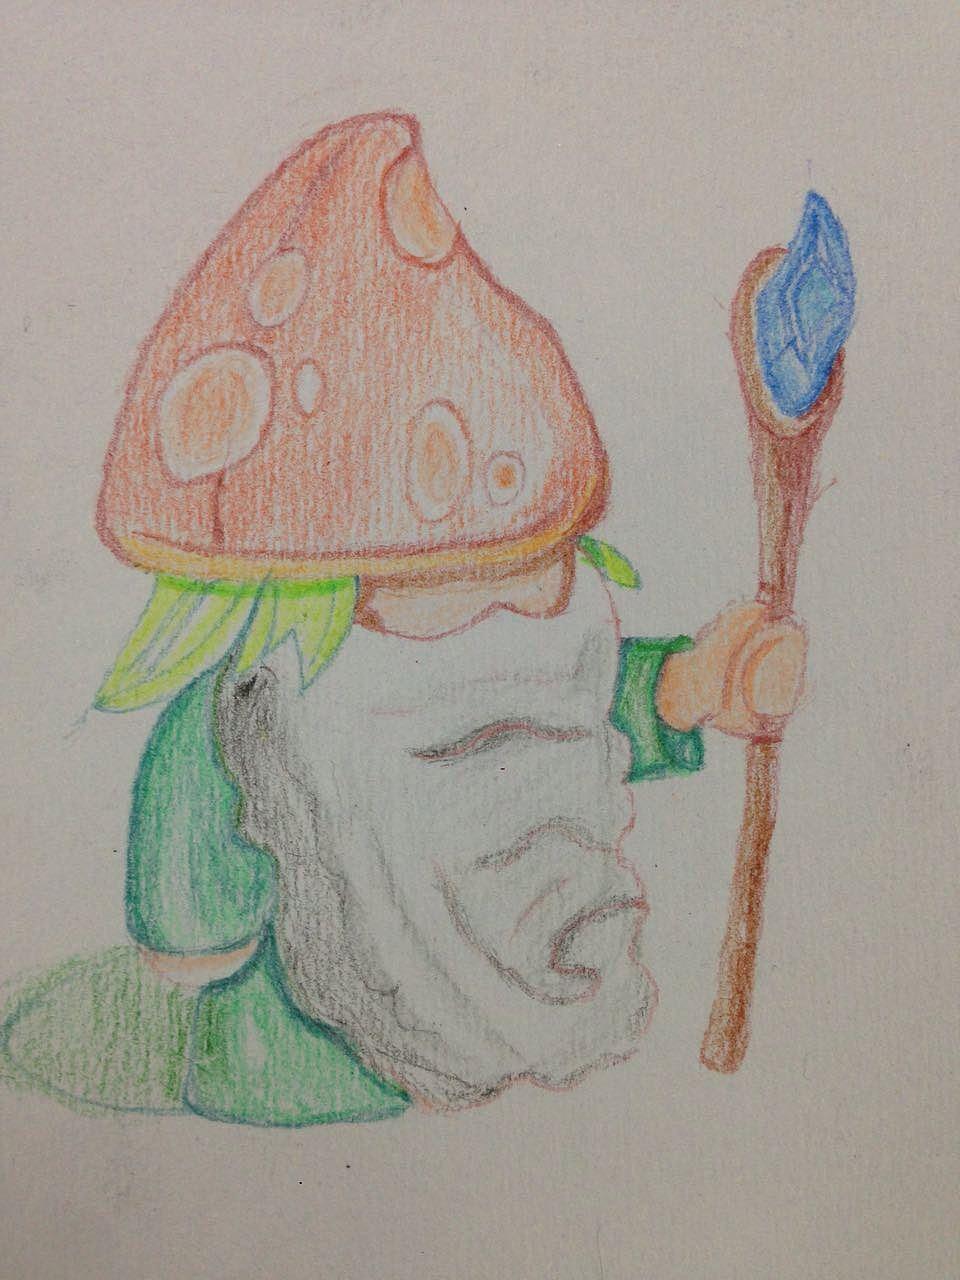 几张素描和彩色笔画图|插画|插画习作|我是功夫巨星